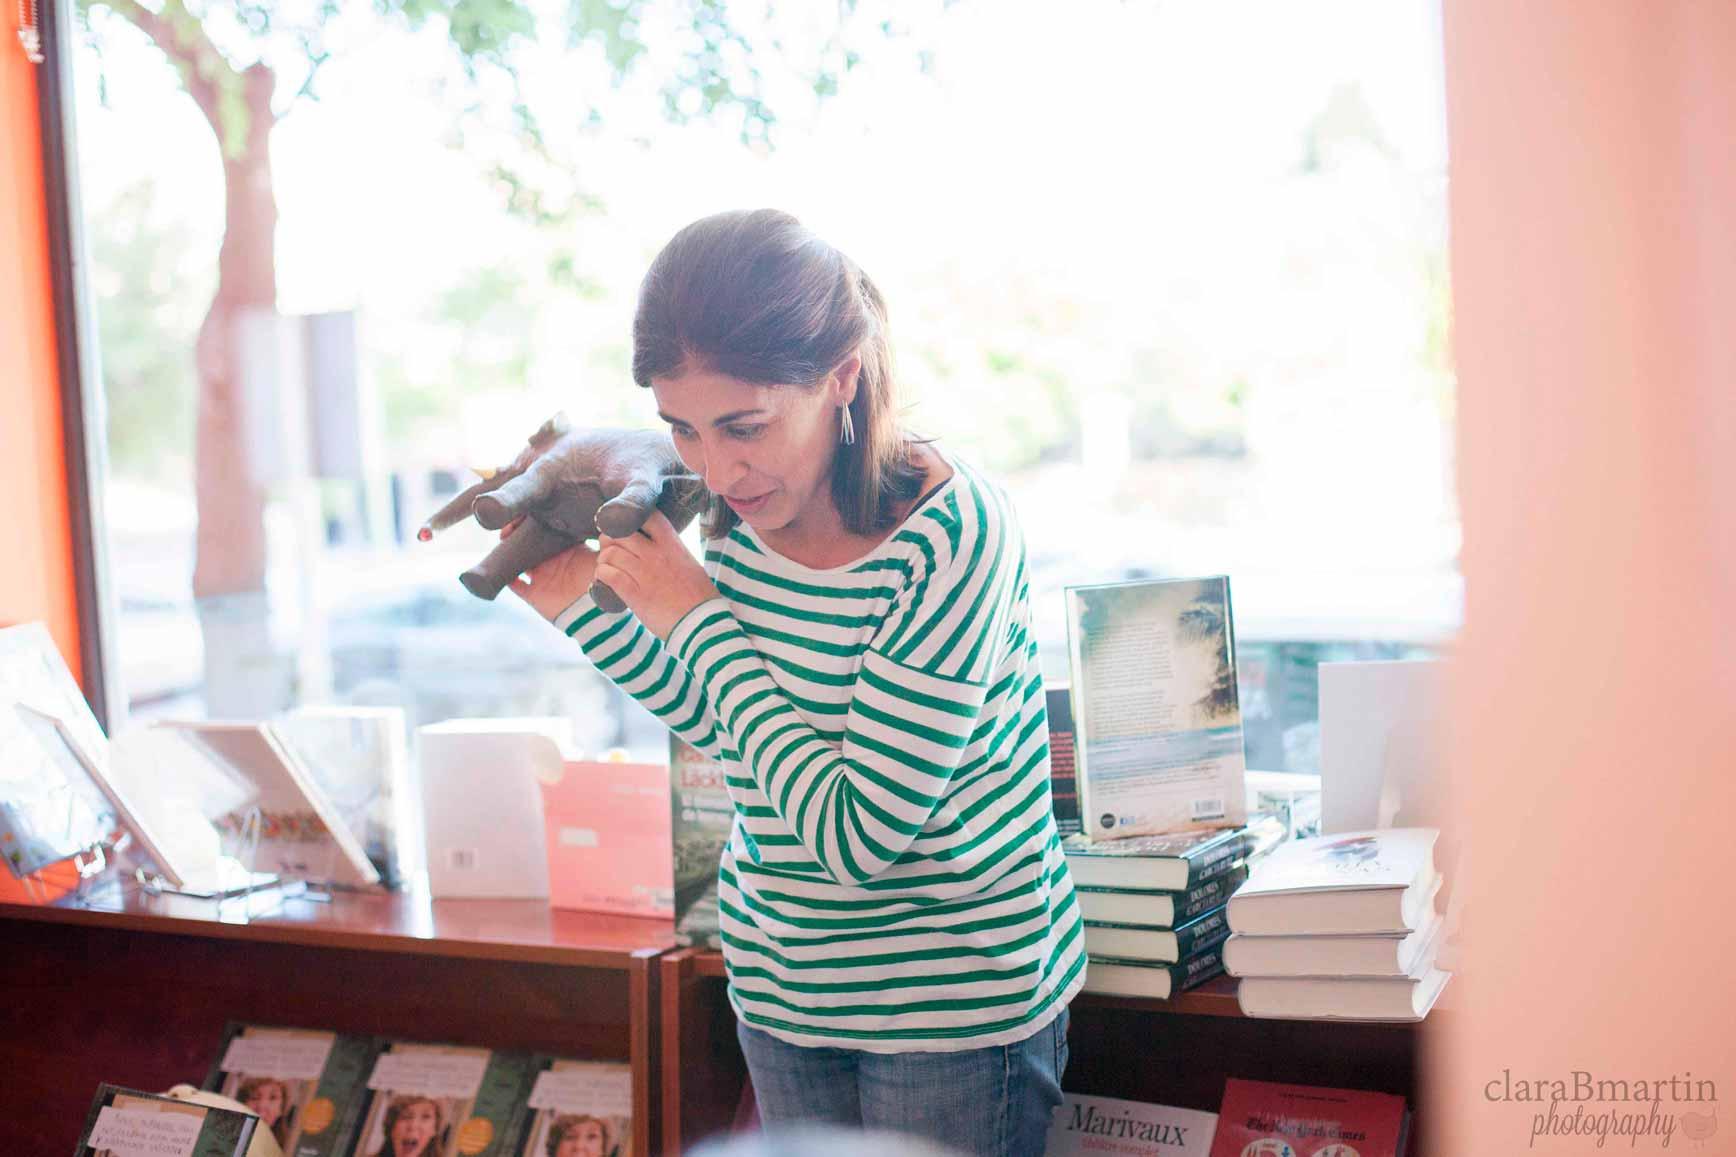 Libro_Nuria_PerezclaraBmartin_05